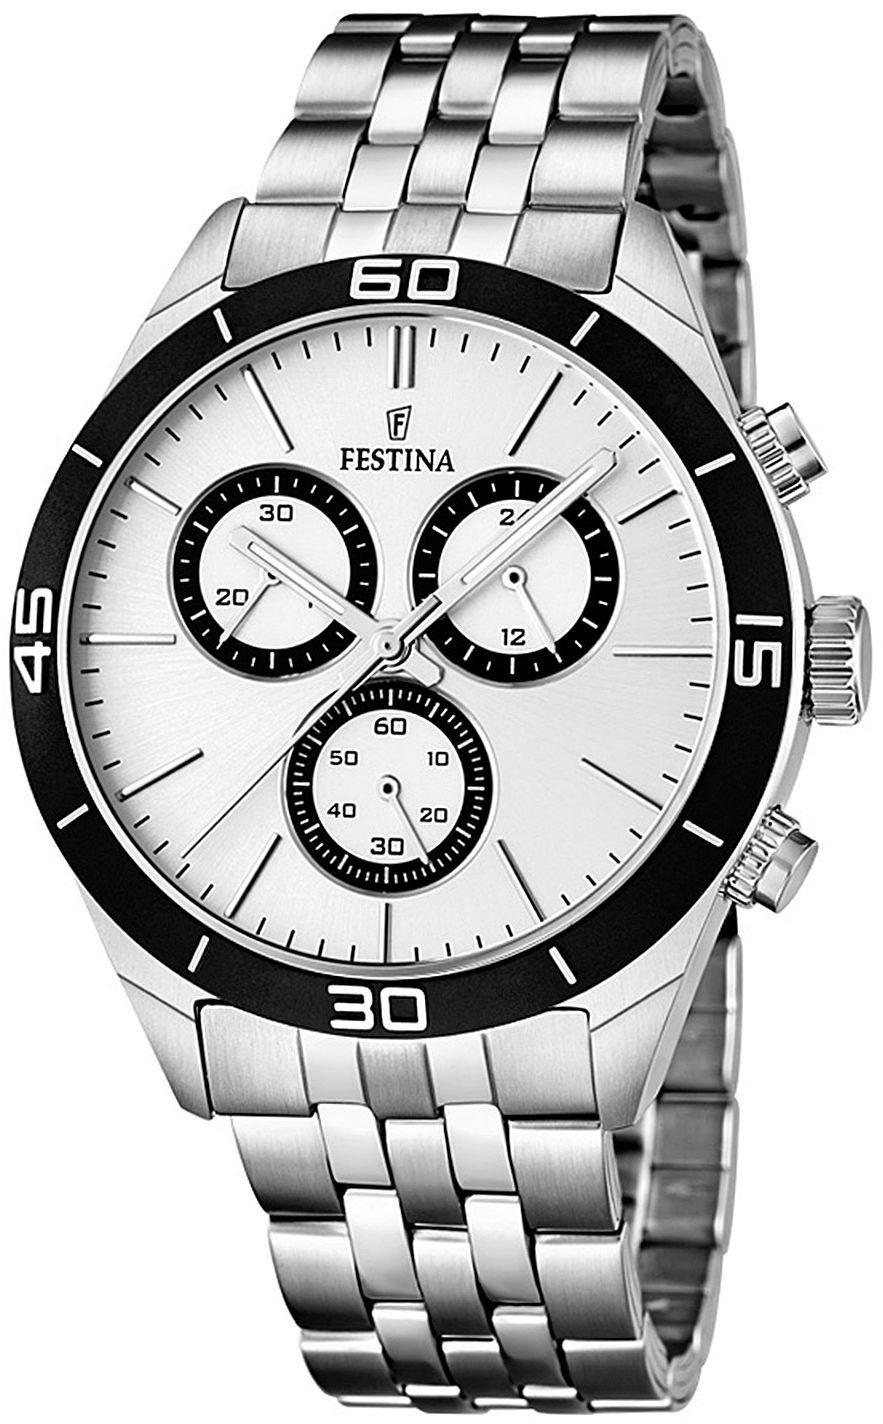 Zegarek Festina F16762-1 Chronograph - CENA DO NEGOCJACJI - DOSTAWA DHL GRATIS, KUPUJ BEZ RYZYKA - 100 dni na zwrot, możliwość wygrawerowania dowolnego tekstu.